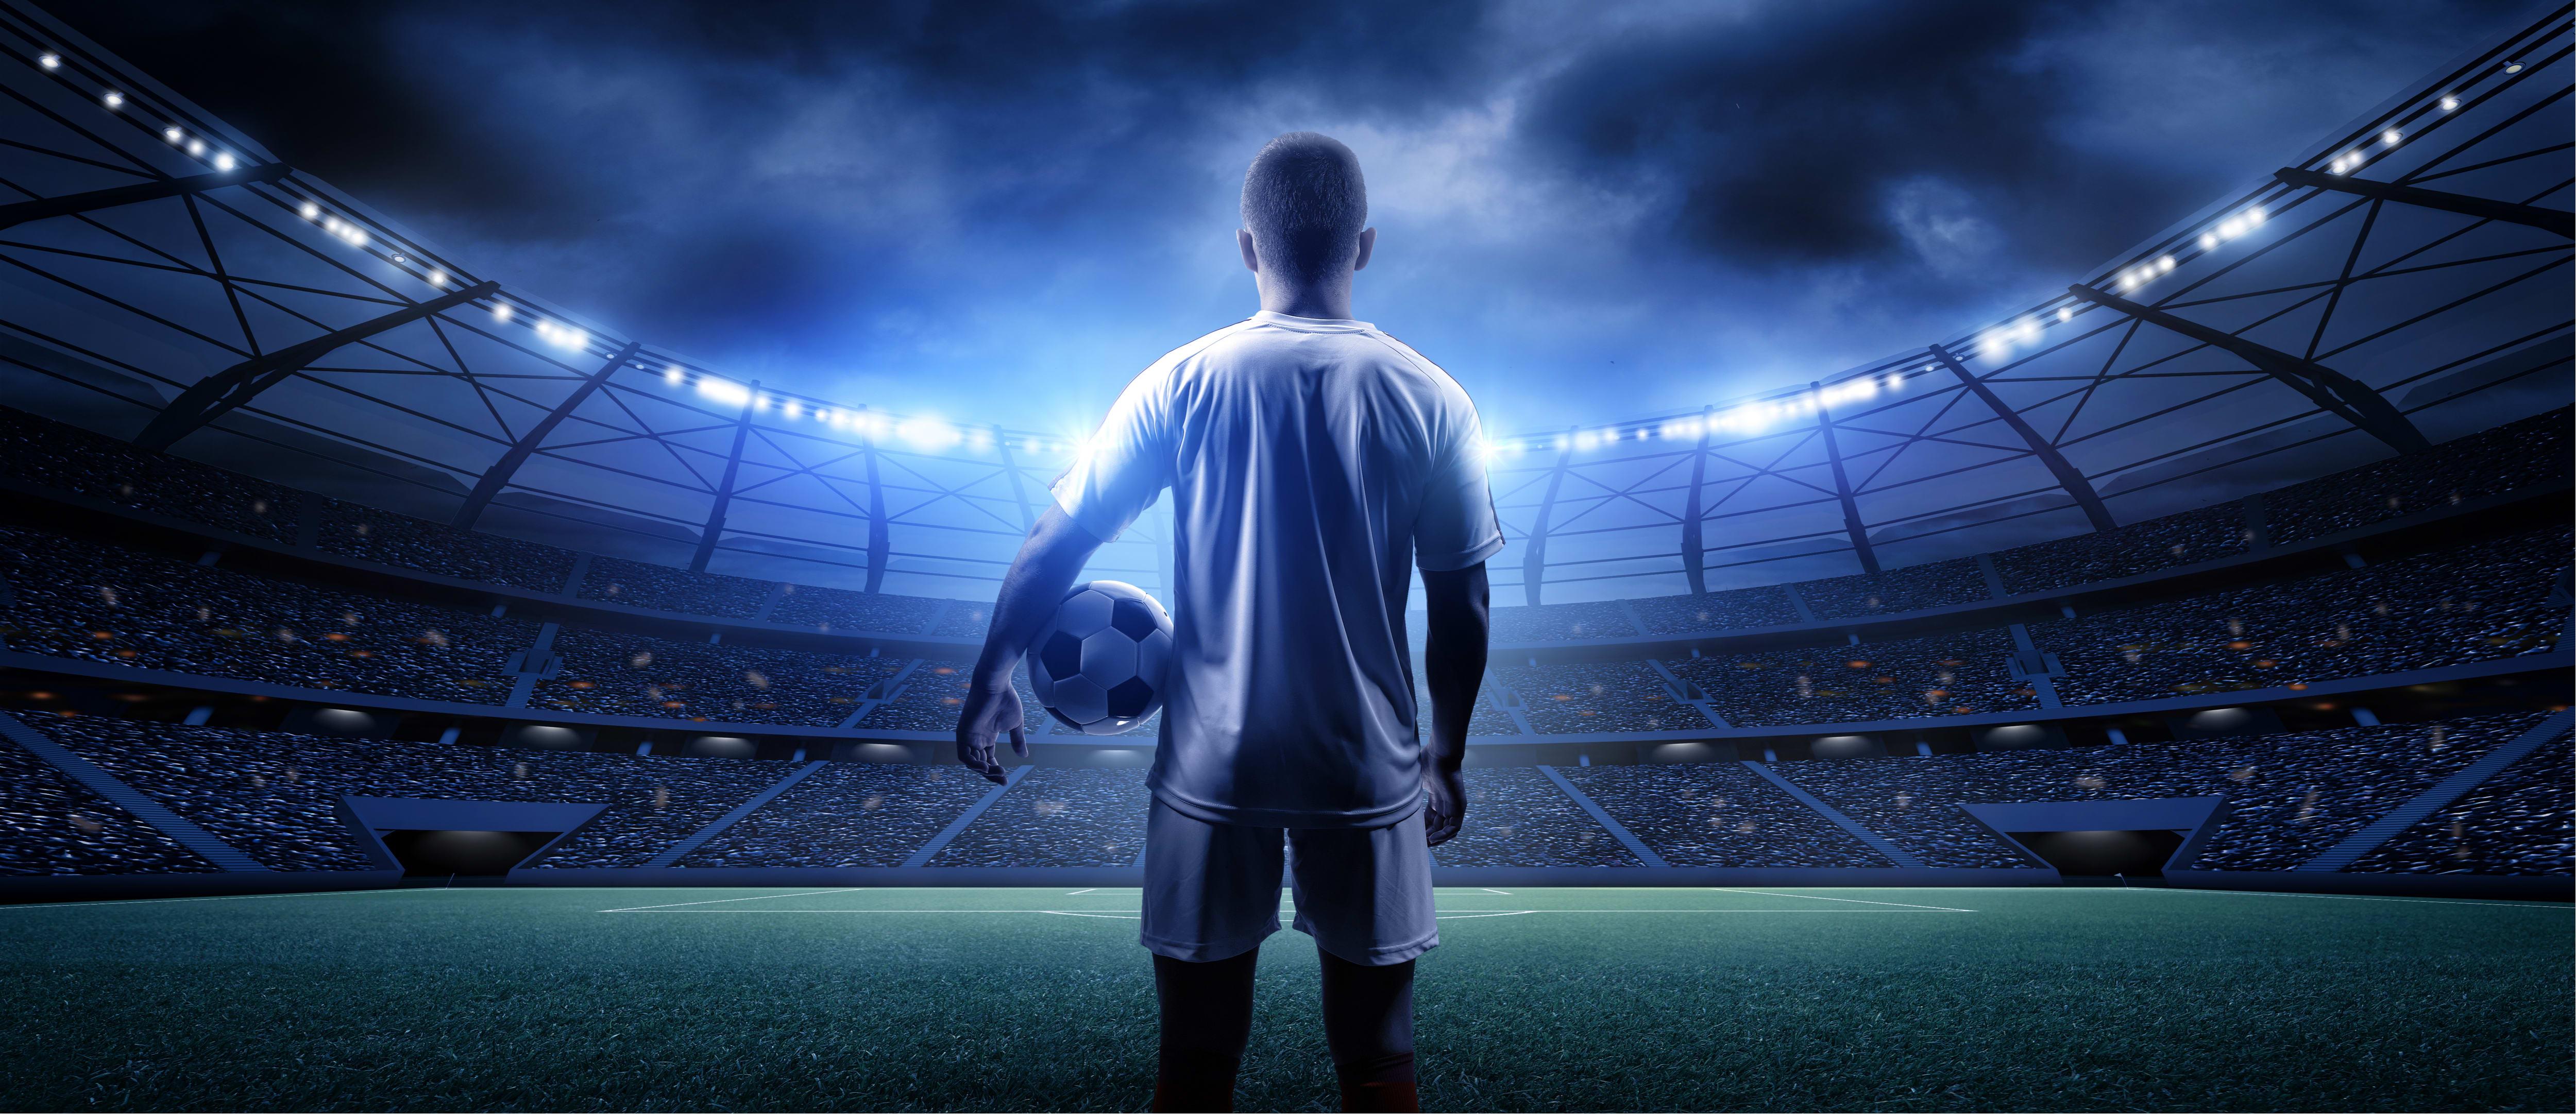 ¿Por qué se santiguan los futbolistas y a quién se encomiendan para ganar?